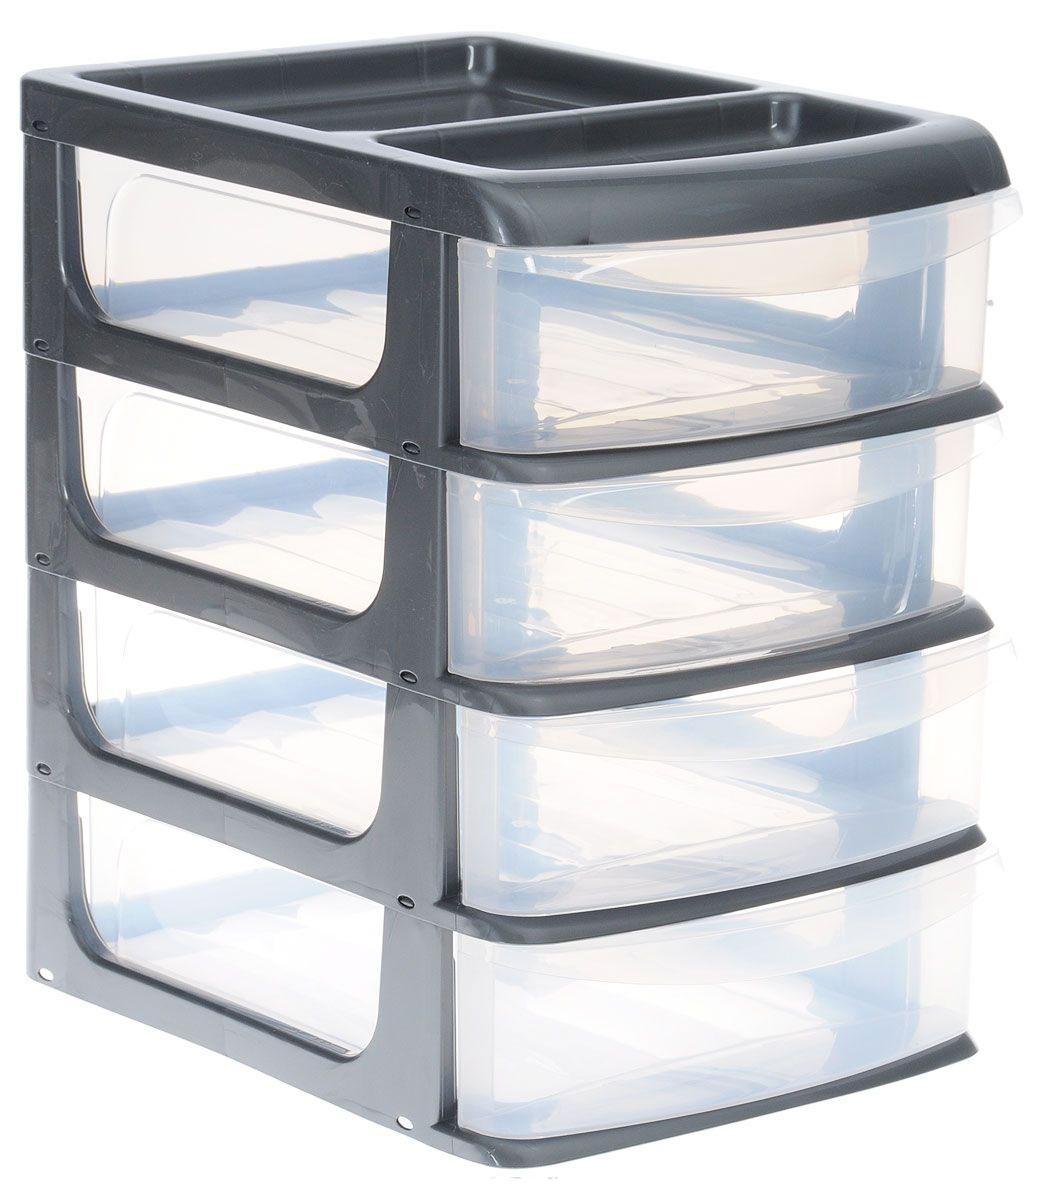 Бокс универсальный Idea, 4 секции, цвет: прозрачный, металлик, 24 х 17 х 26,5 смМ 2766_металликУниверсальный бокс Idea выполнен из высококачественного пластика и имеет четыре удобные выдвижные секции. Бокс предназначен для хранения предметов шитья, рукоделия, хобби и всех необходимых мелочей. Изделие позволит компактно хранить вещи, поддерживая порядок и уют в вашем доме.